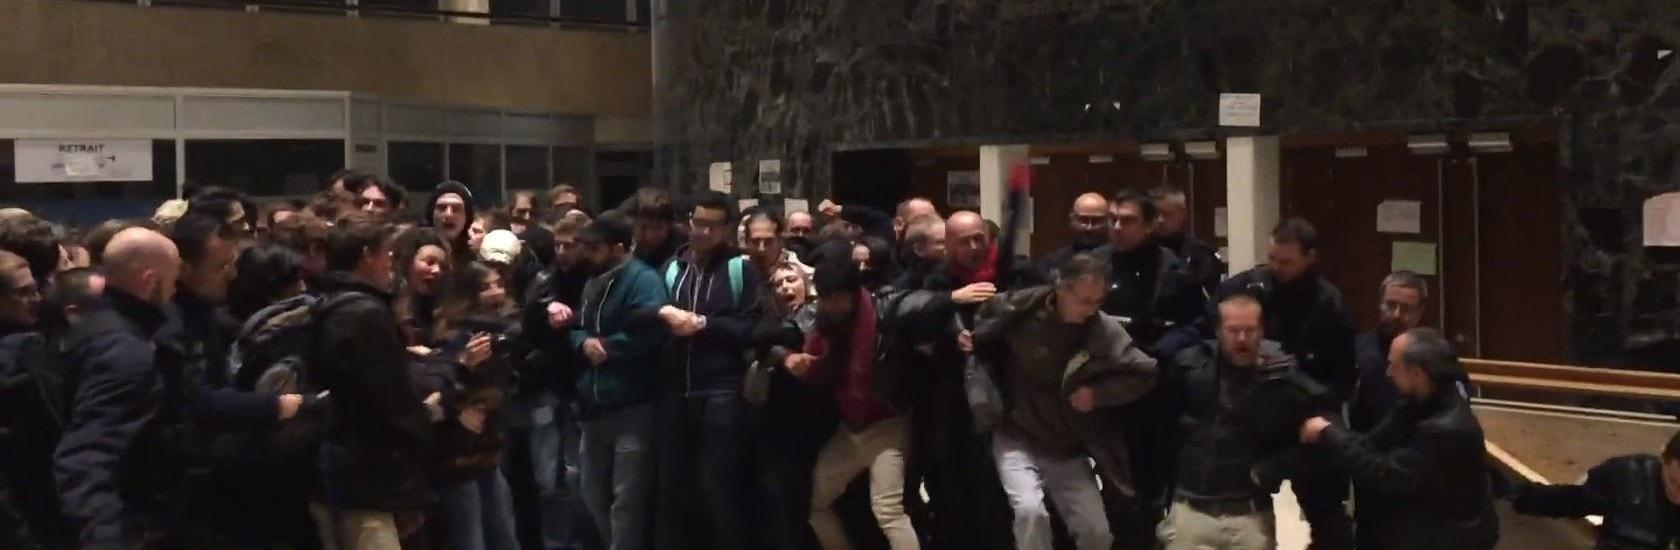 Après la manif, un bâtiment de l'université évacué par la police